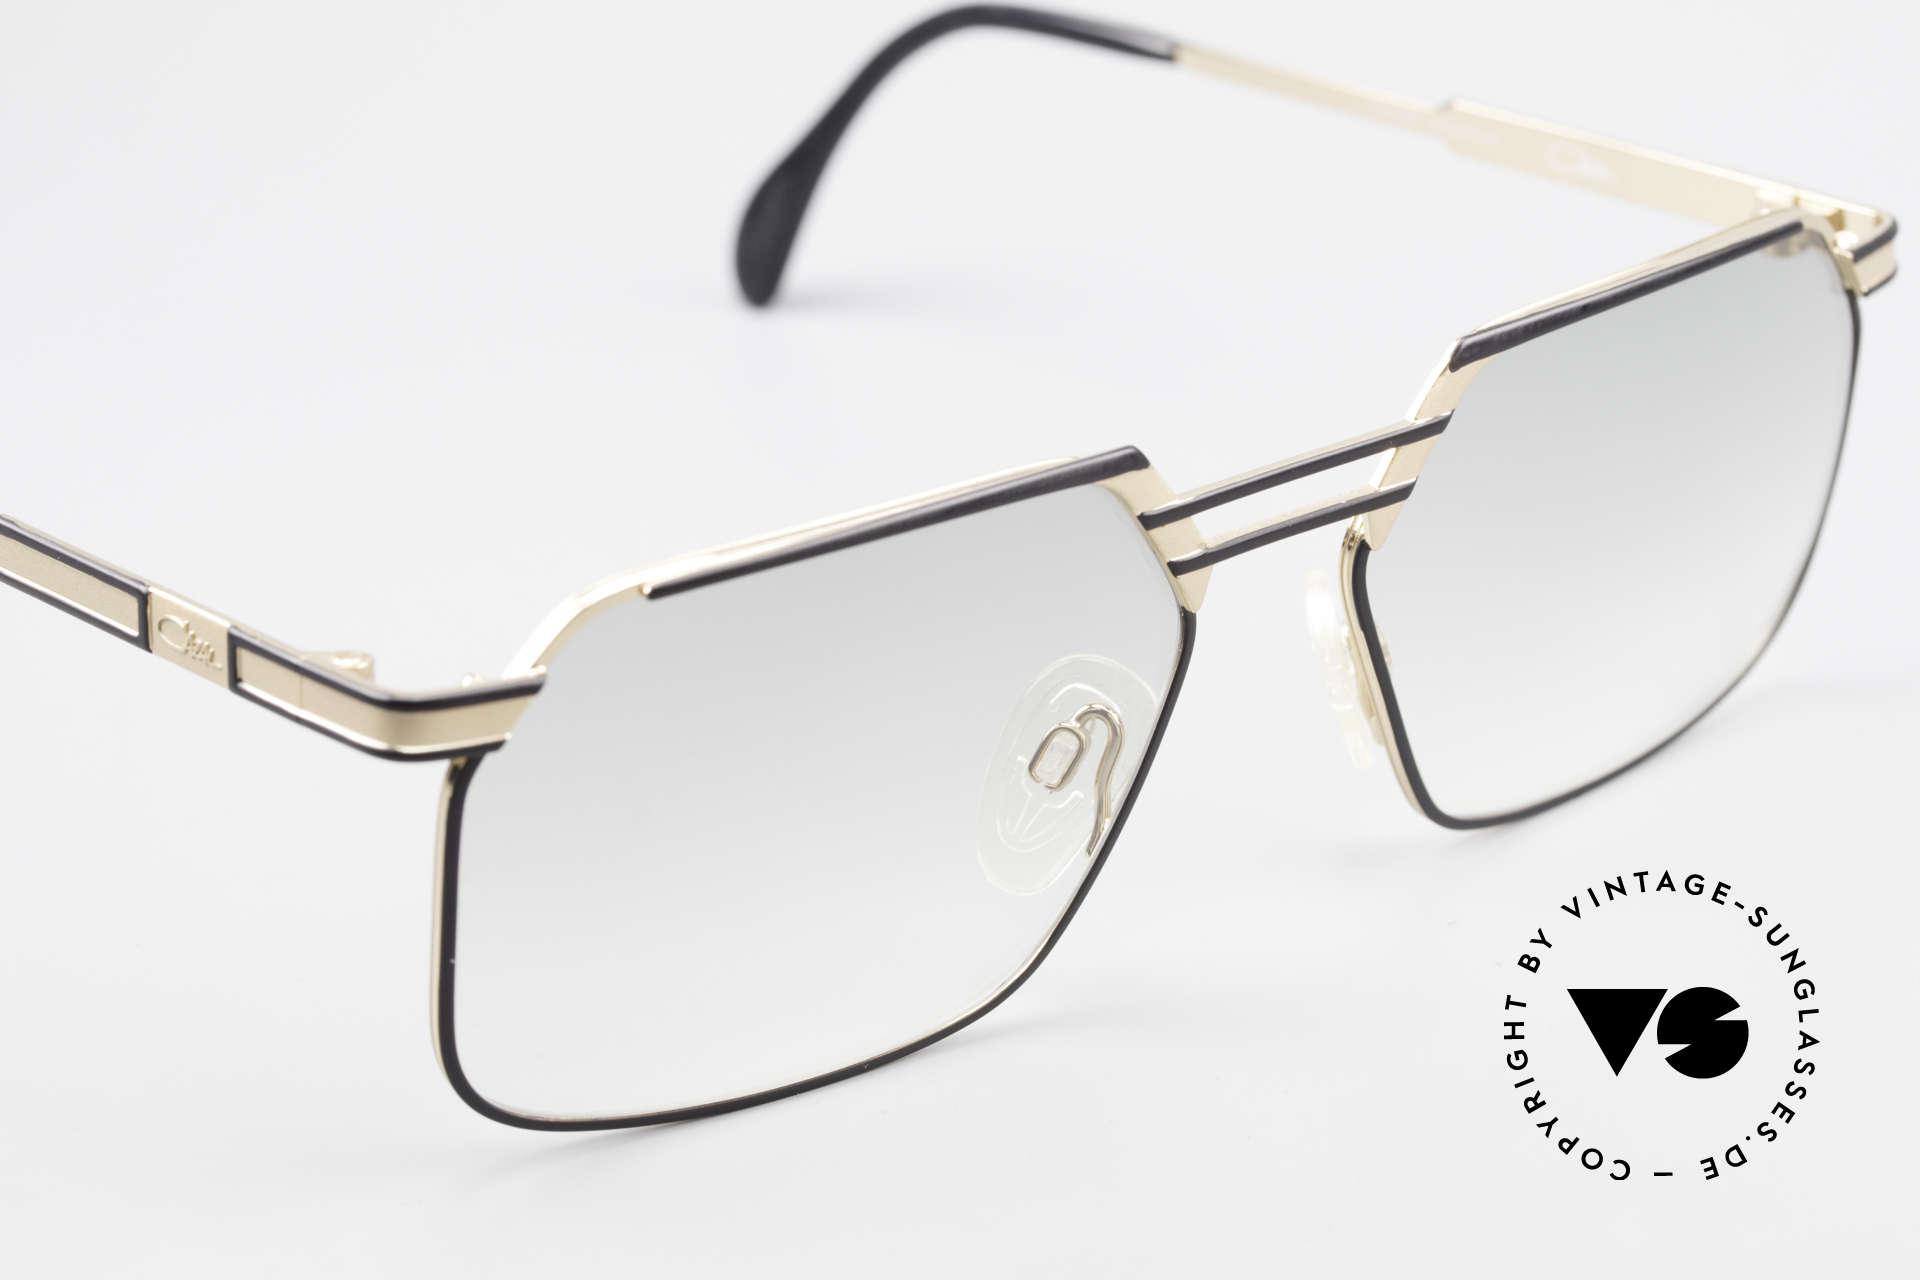 Cazal 760 Striking Vintage Men's Frame, unworn, light-green tinted lenses, L size 59-17, Made for Men